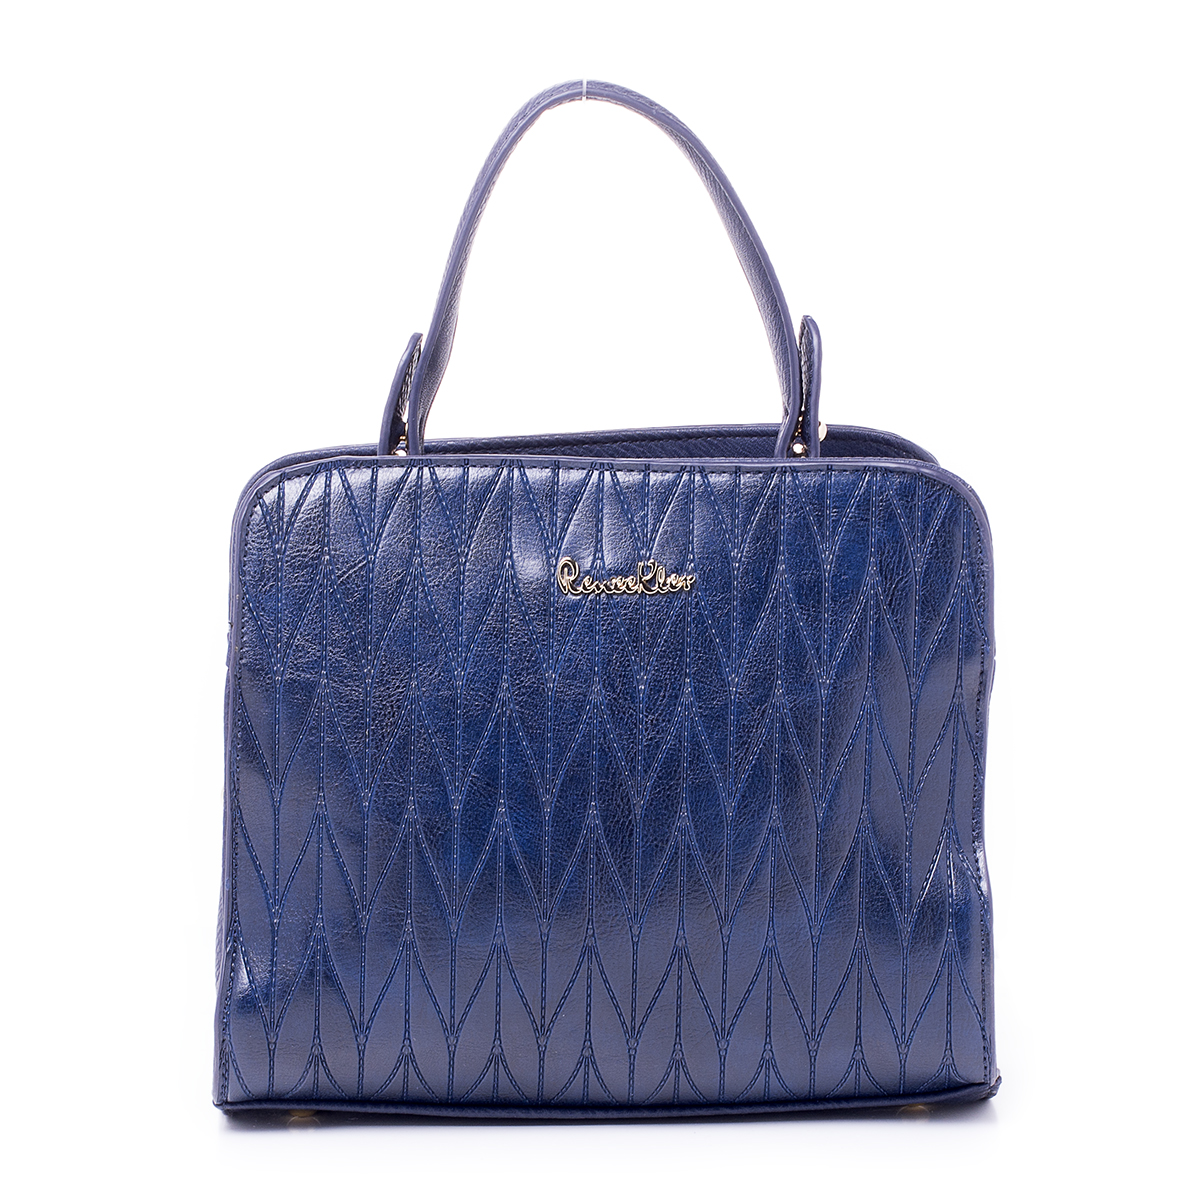 Сумка женская Renee Kler, цвет: темно-синий. RK514-06KV996OPY/MСумка Renee Kler, выполненная из высококачественной искусственной кожи, оформлена декоративным тиснением и металлической пластинкой с названием бренда. На тыльной стороне расположен вшитый карман на молнии. Сумка имеет одну ручку и съемный плечевой ремень, длина которого регулируется с помощью пряжки. Также сумка оснащена металлическими ножками, которые предотвратят повреждение дна сумки. Изделие закрывается с помощью застежки-молнии. Внутри расположено два отделения, которые содержат дванакладных открытых кармана для телефона и мелочей и один вшитый карман на молнии.В комплект входит чехол для хранения изделия.